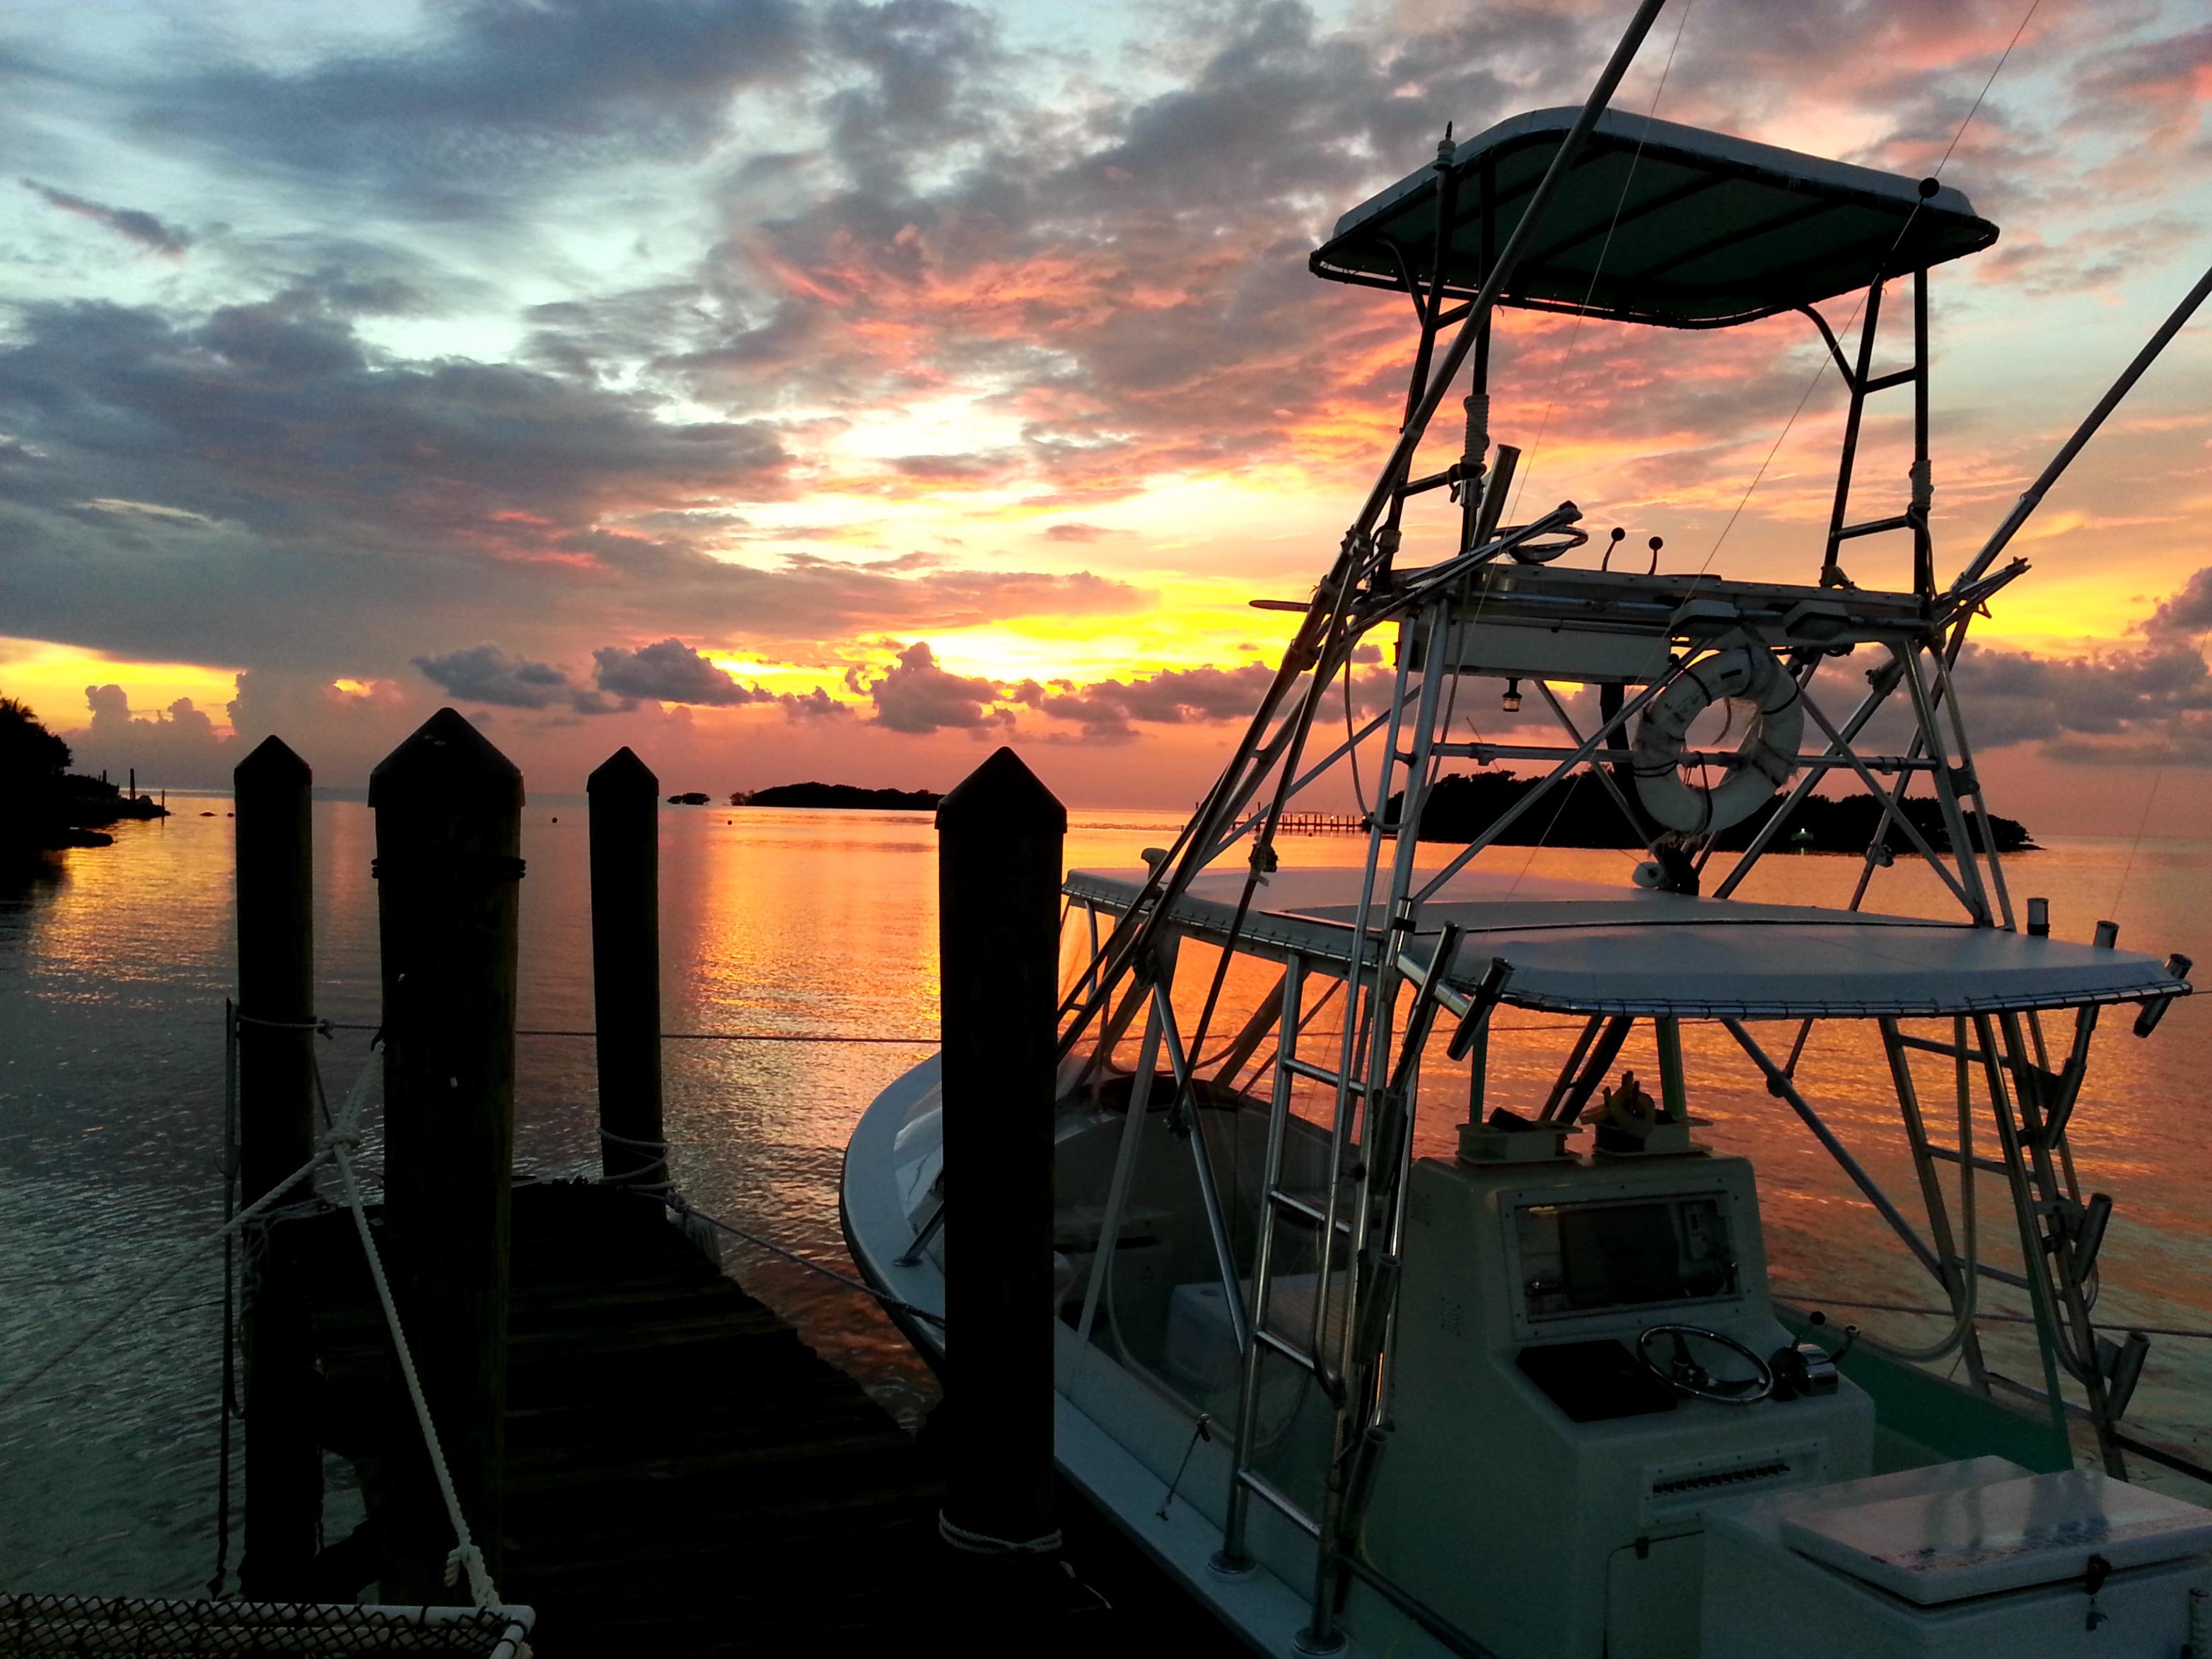 marathon sunset boat